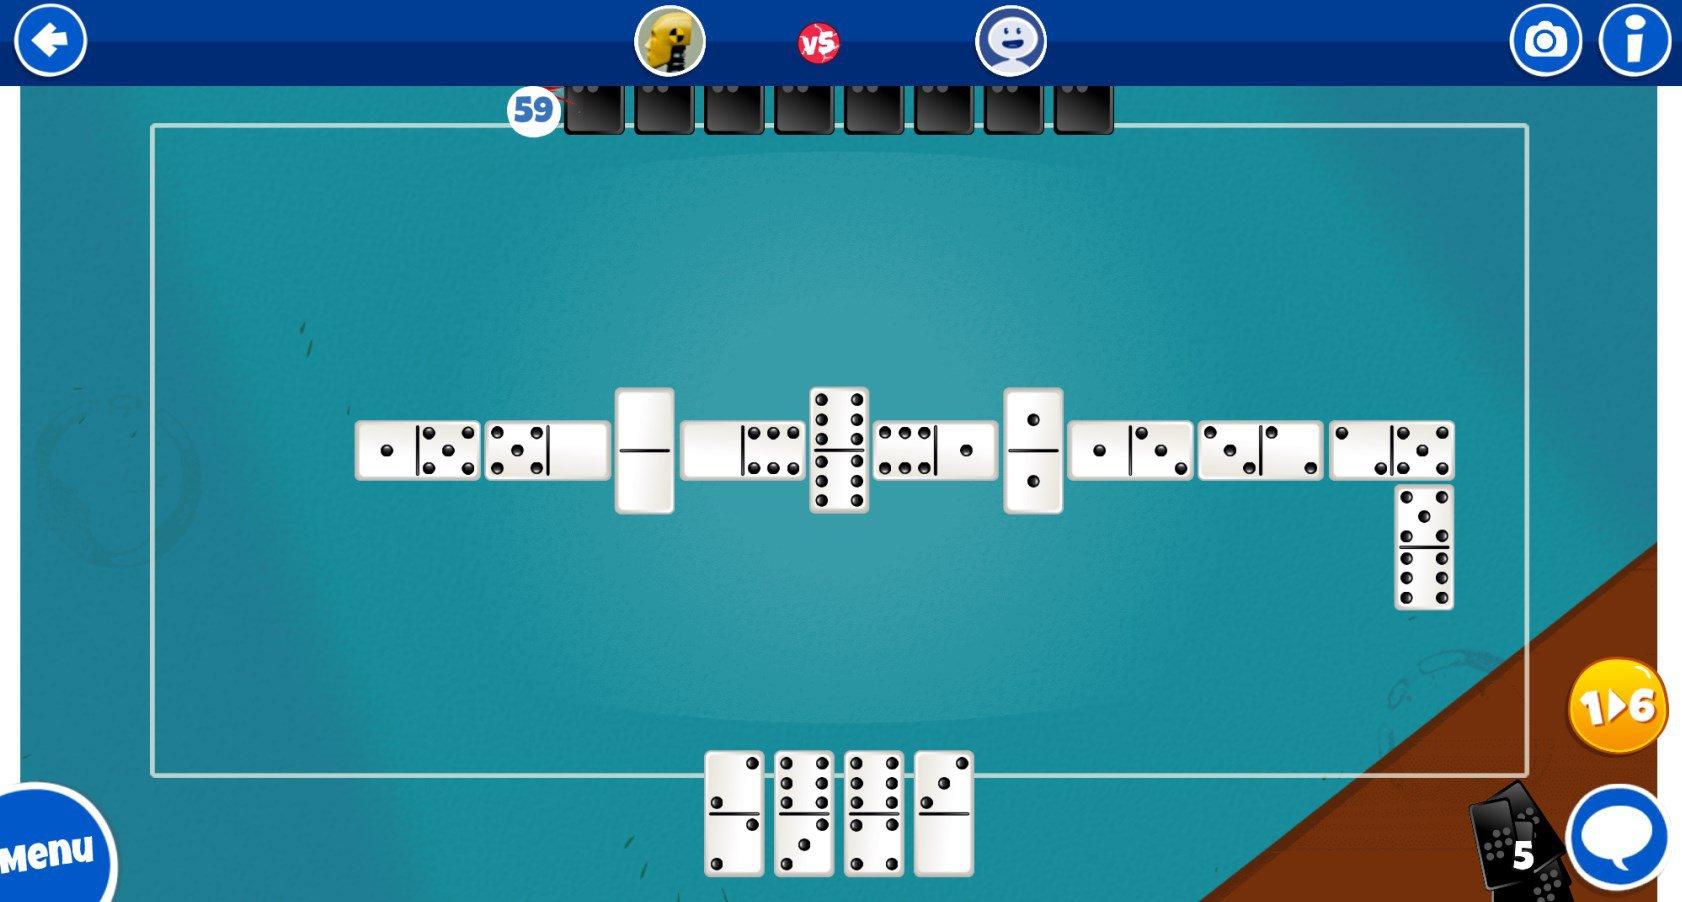 Domino Online 2.10.0 - Télécharger Pour Android Apk Gratuitement intérieur Jeux Domino Gratuit En Ligne